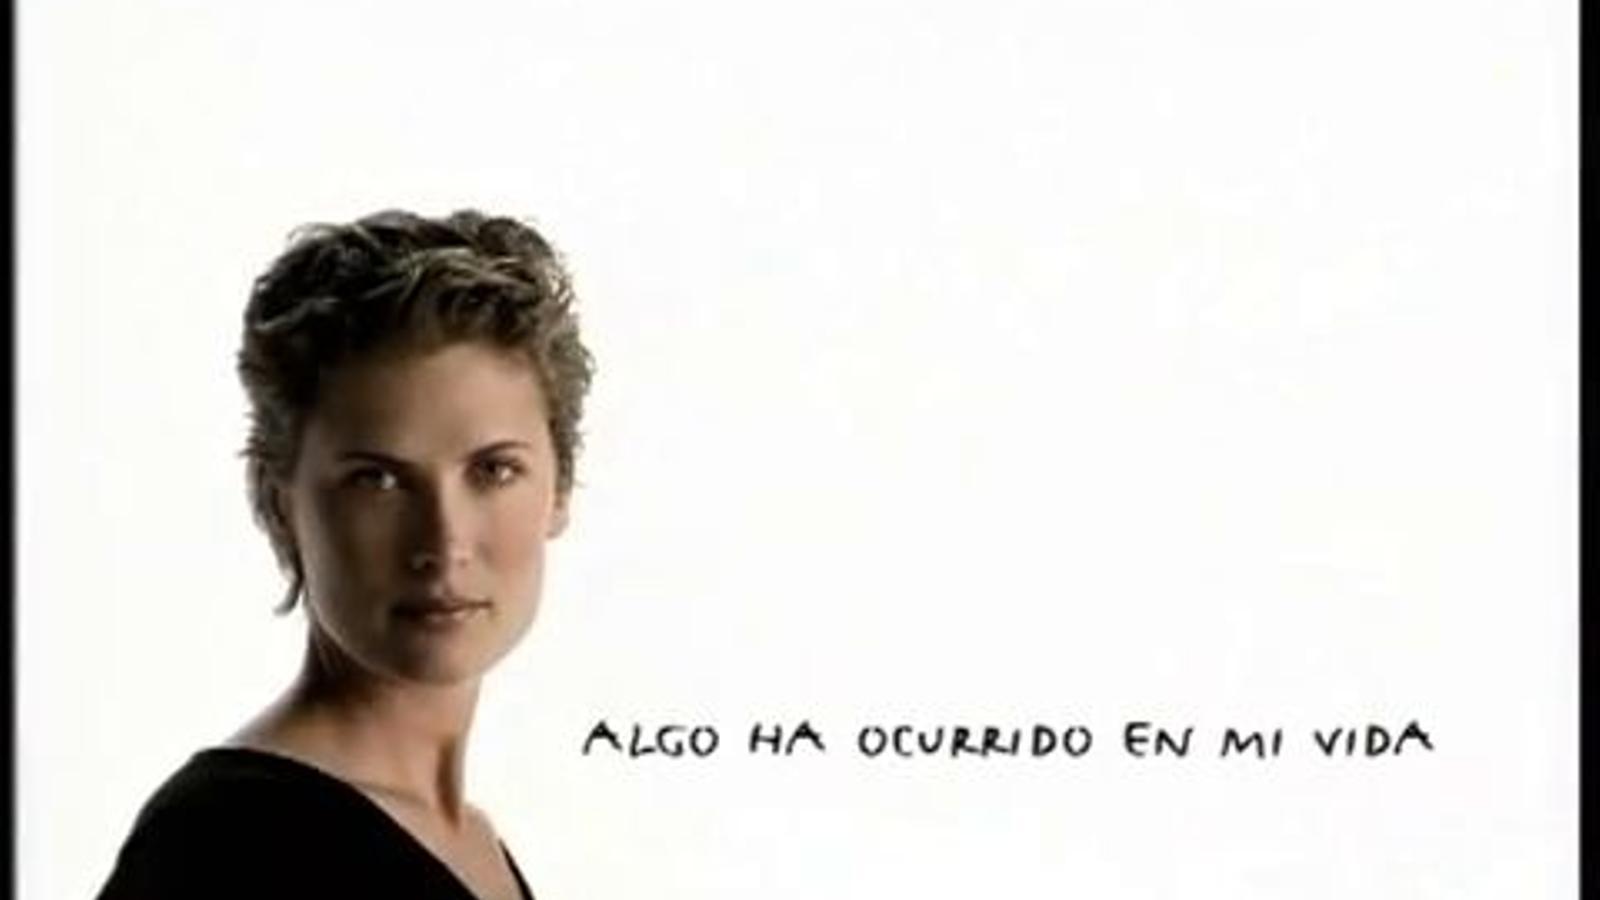 'Libre': Primer anunci d'Amena, cantat pel Chaval de la Peca